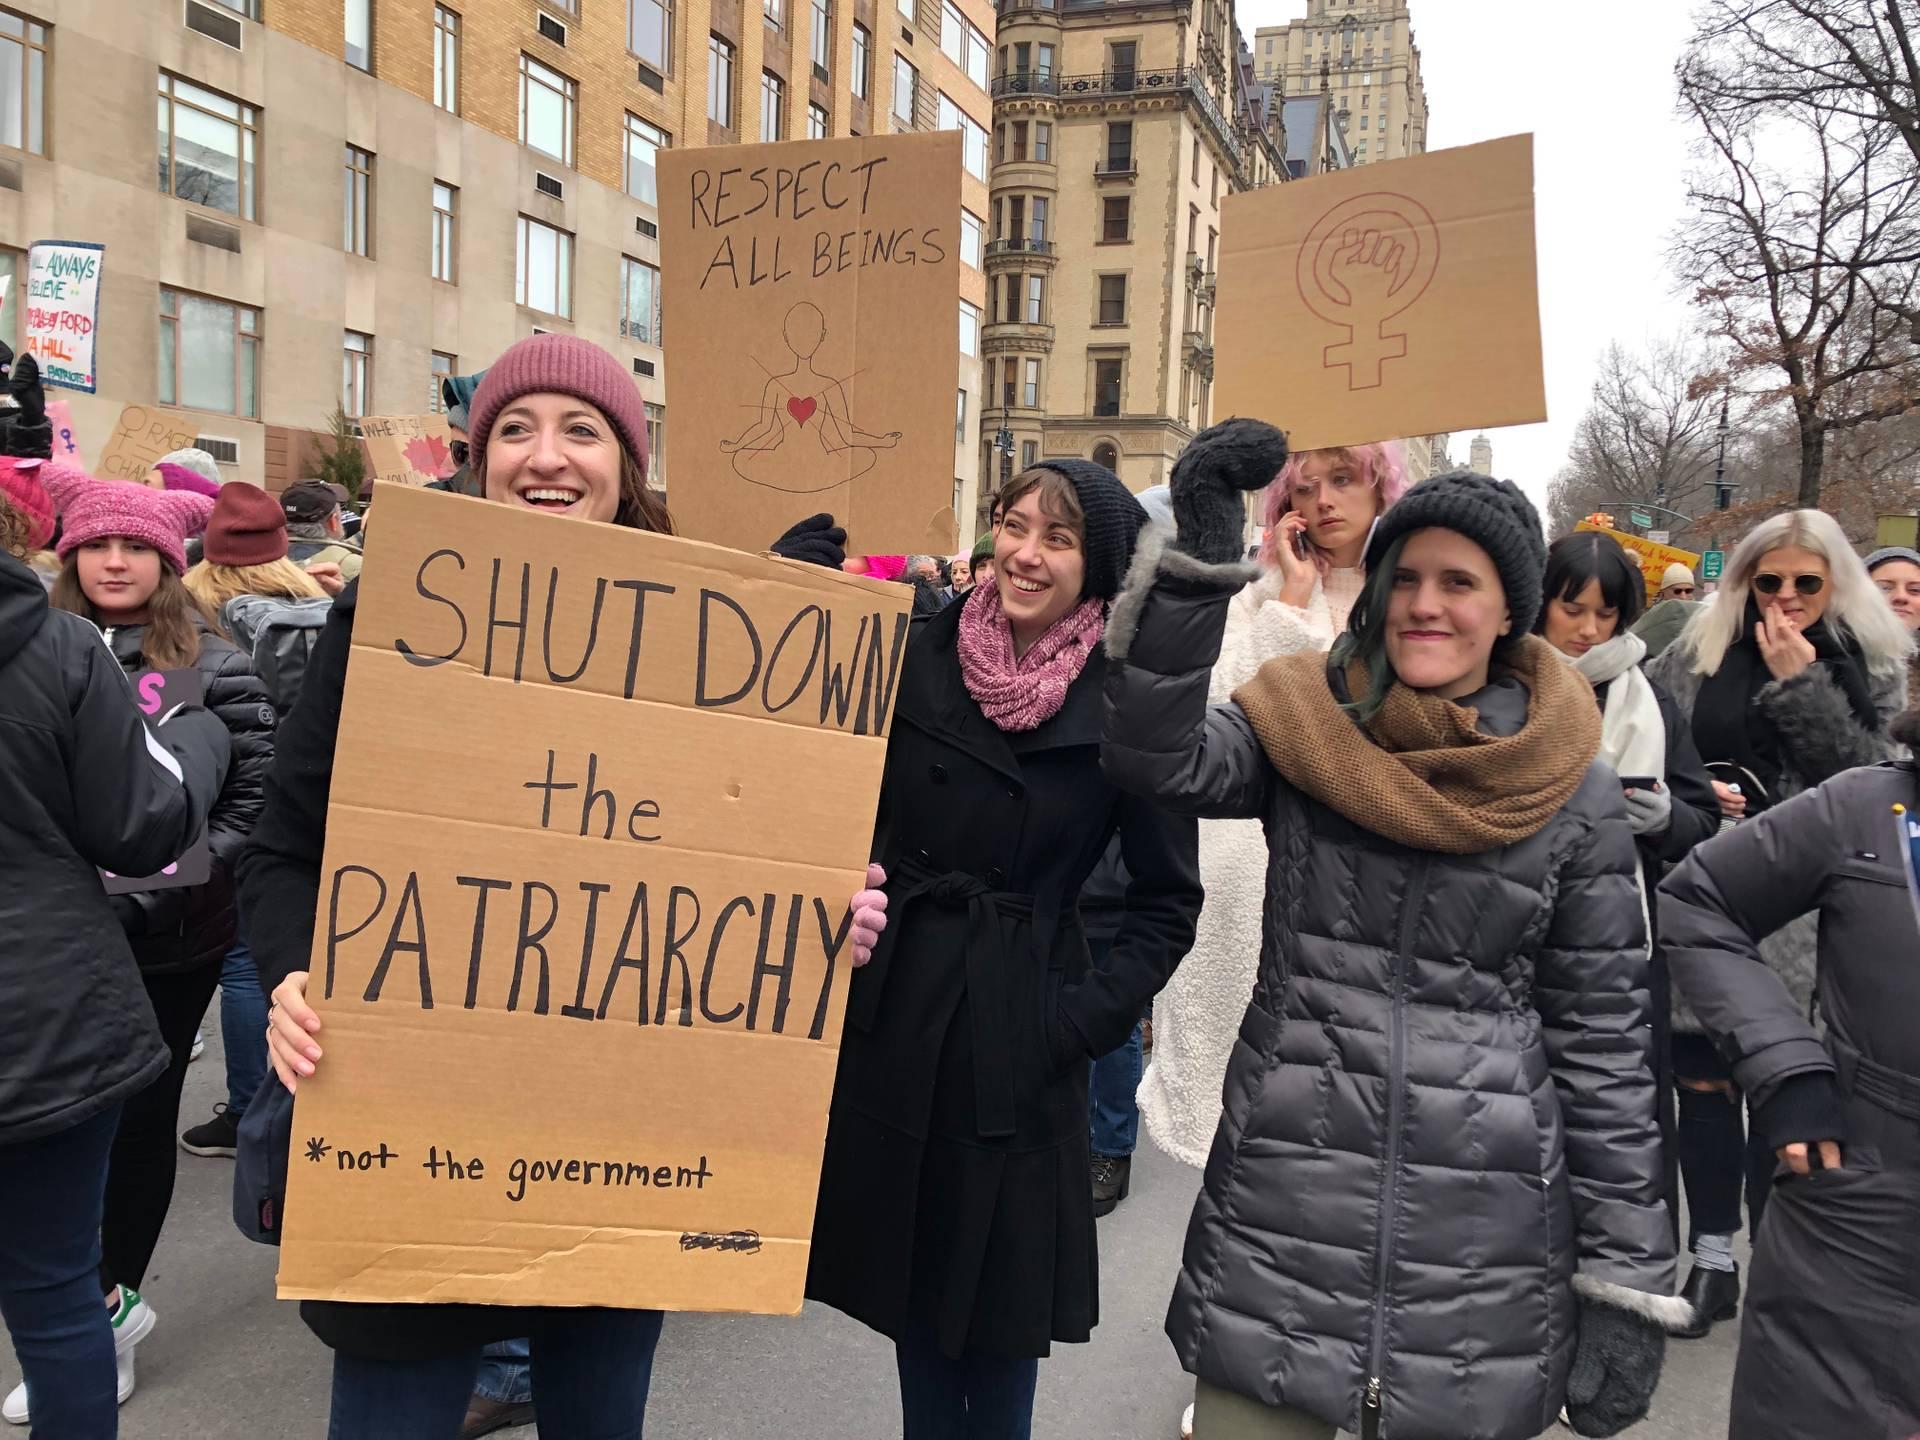 Shutdown Patriarchy — «Закриймо патріархію» — згадка про «закриття уряду» через конфлікт президента США з Конгресом щодо вимоги Трампа виділити кошти на будівництво стіни з Мексикою